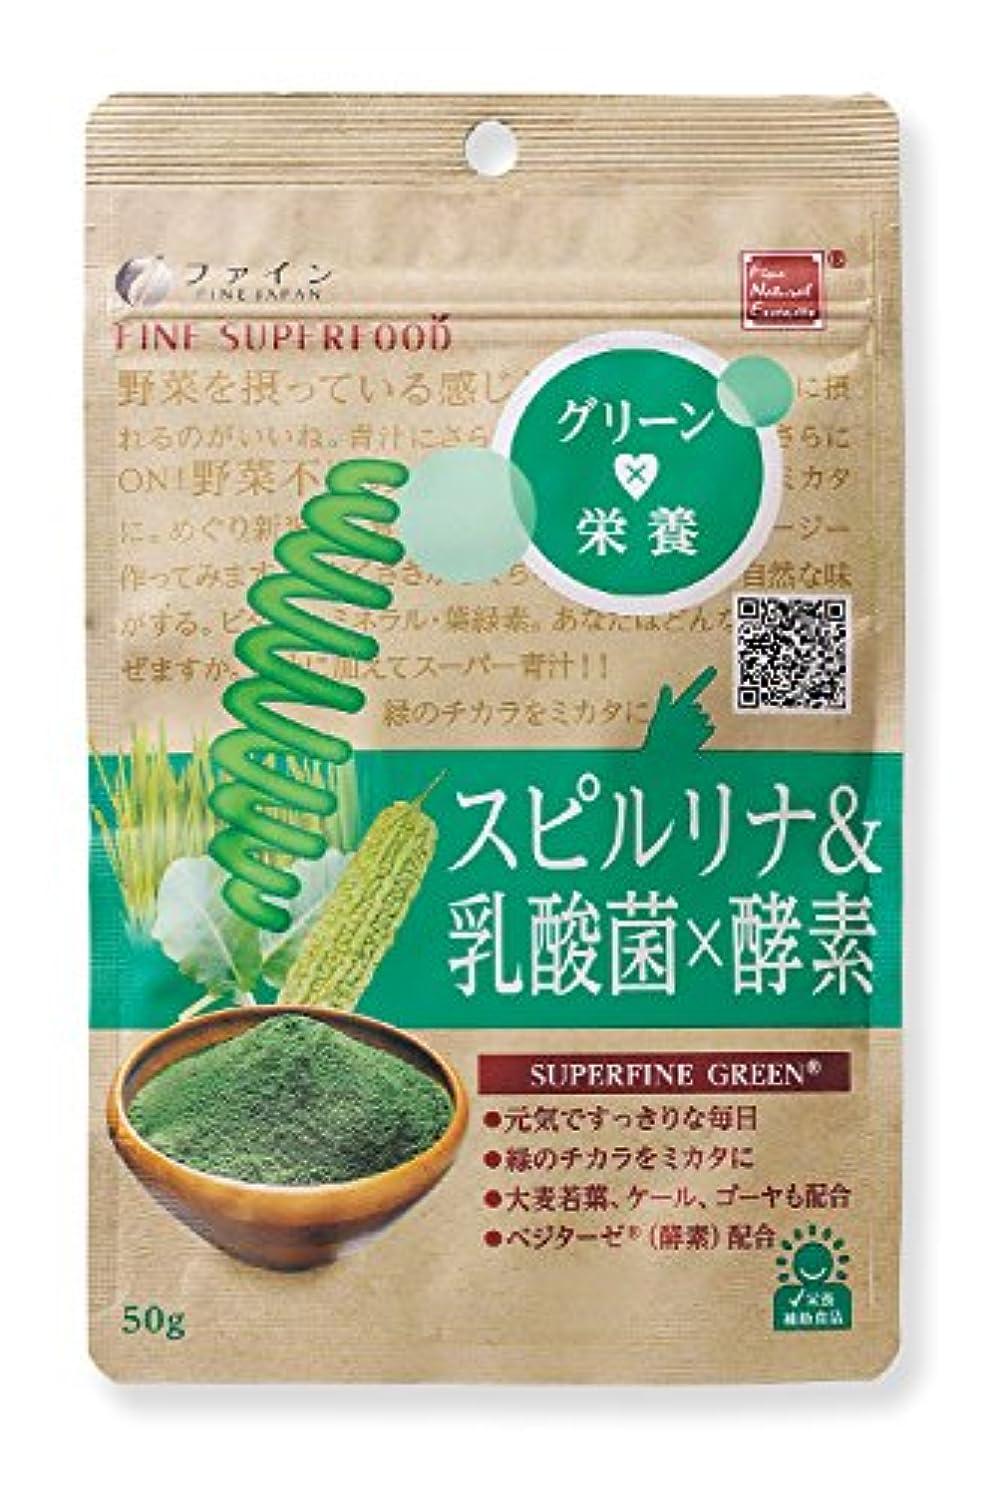 葉ガイド遠えファイン スーパーフード スピルリナ&乳酸菌×酵素 50g